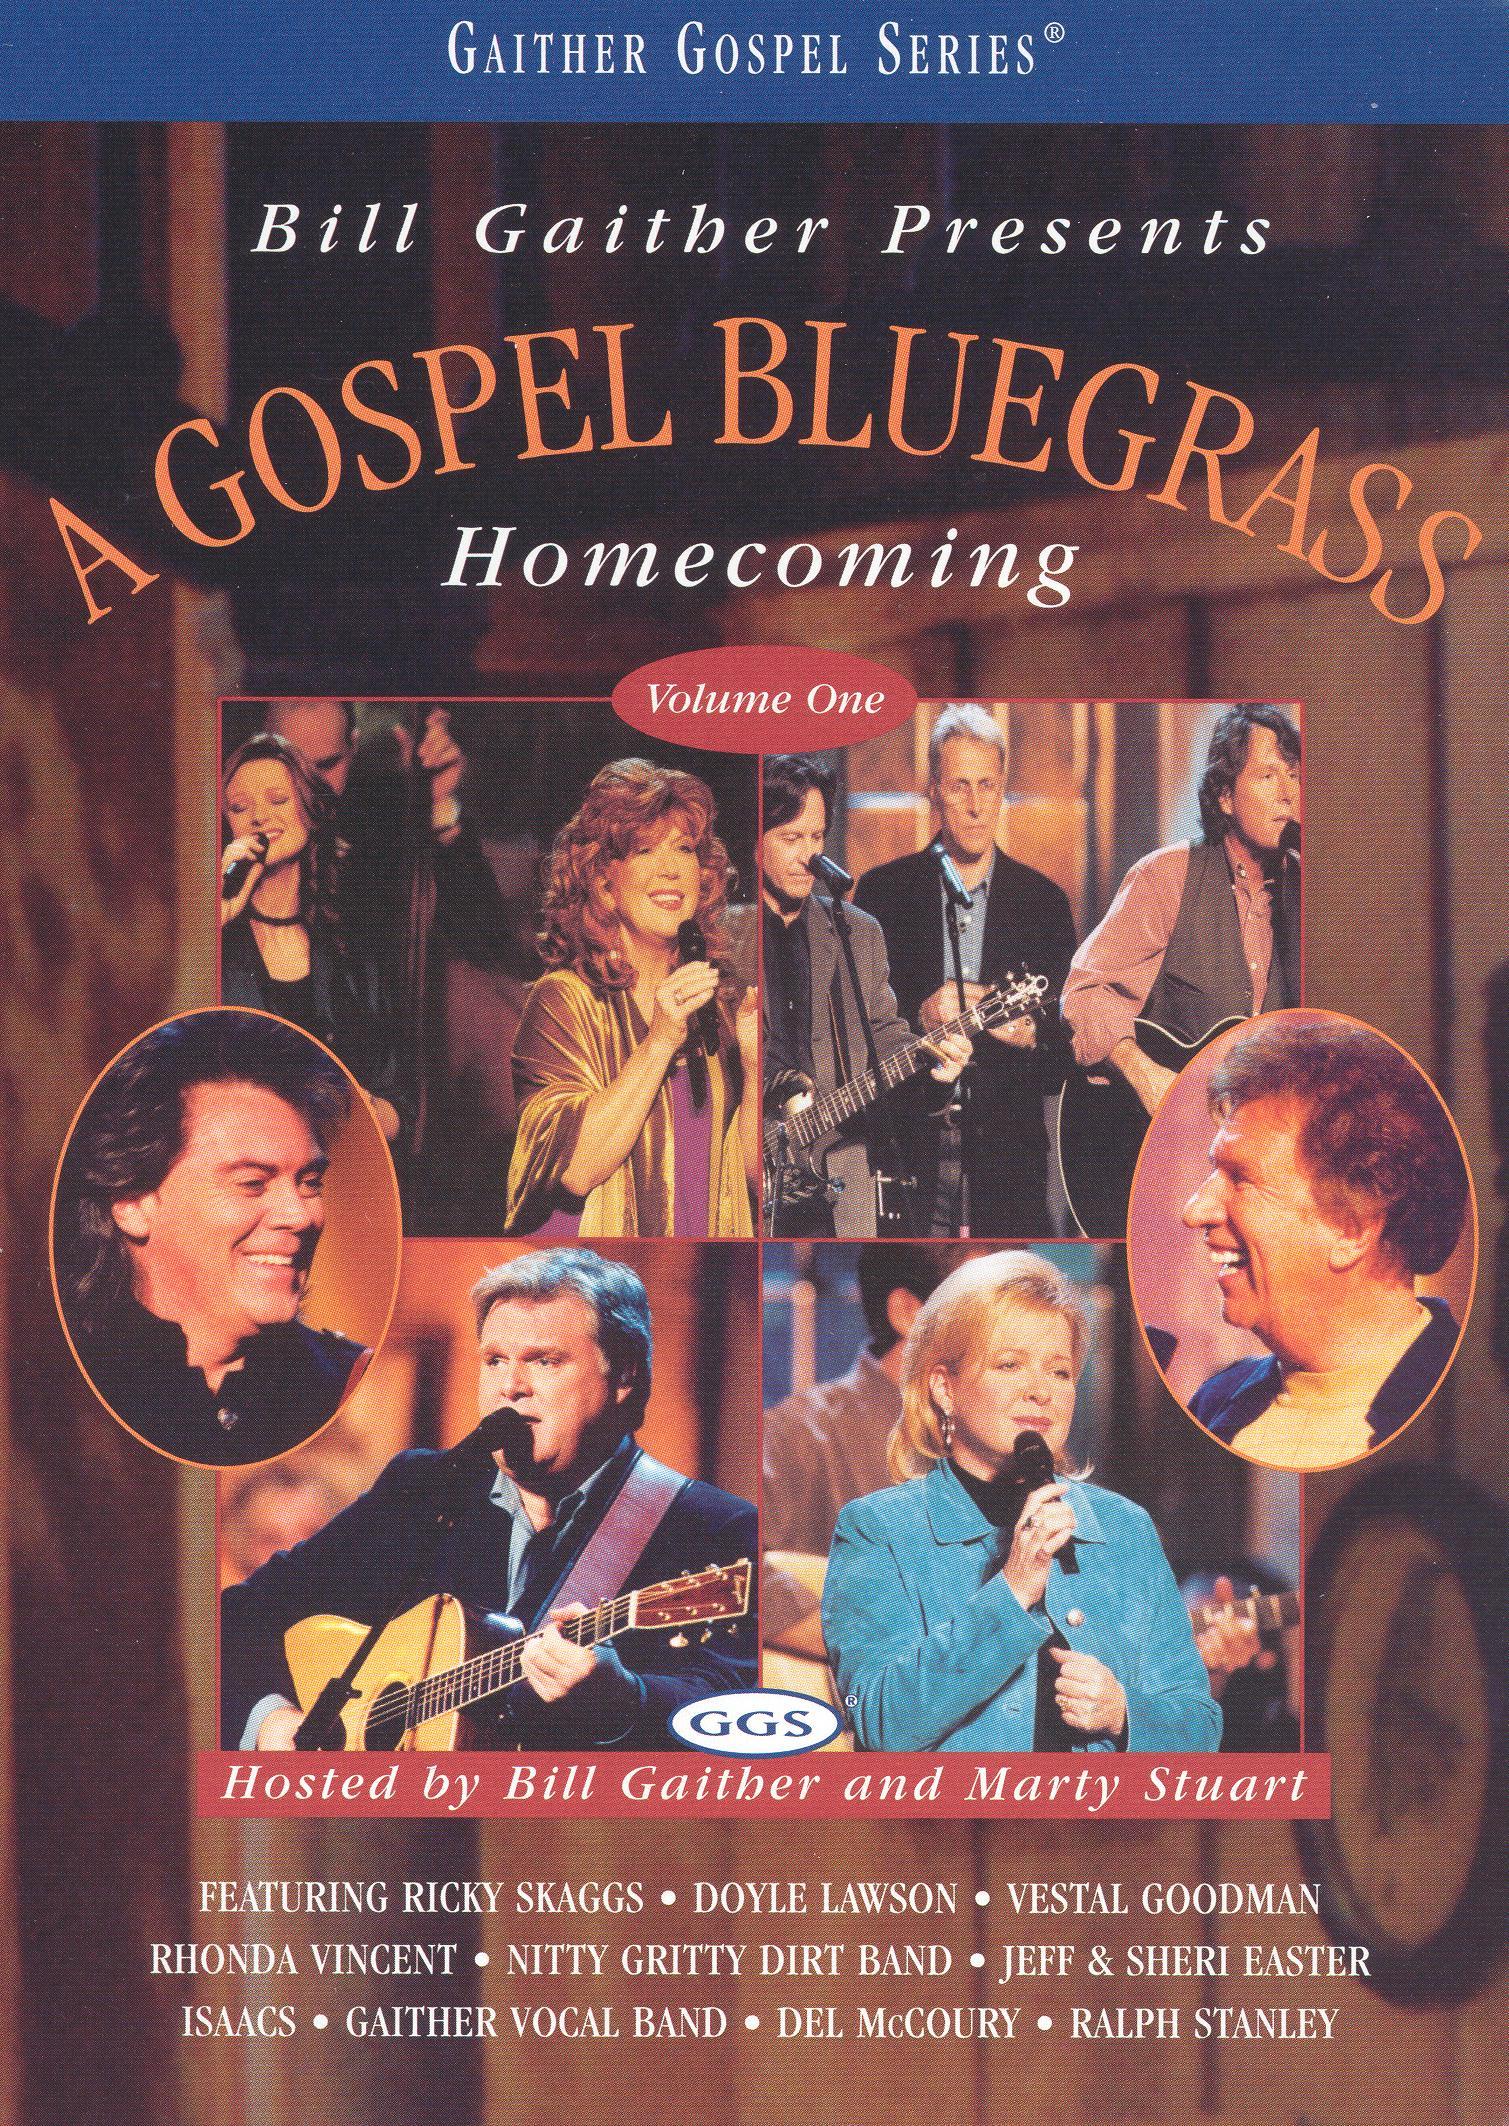 A Gospel Bluegrass Homecoming, Vol. 1